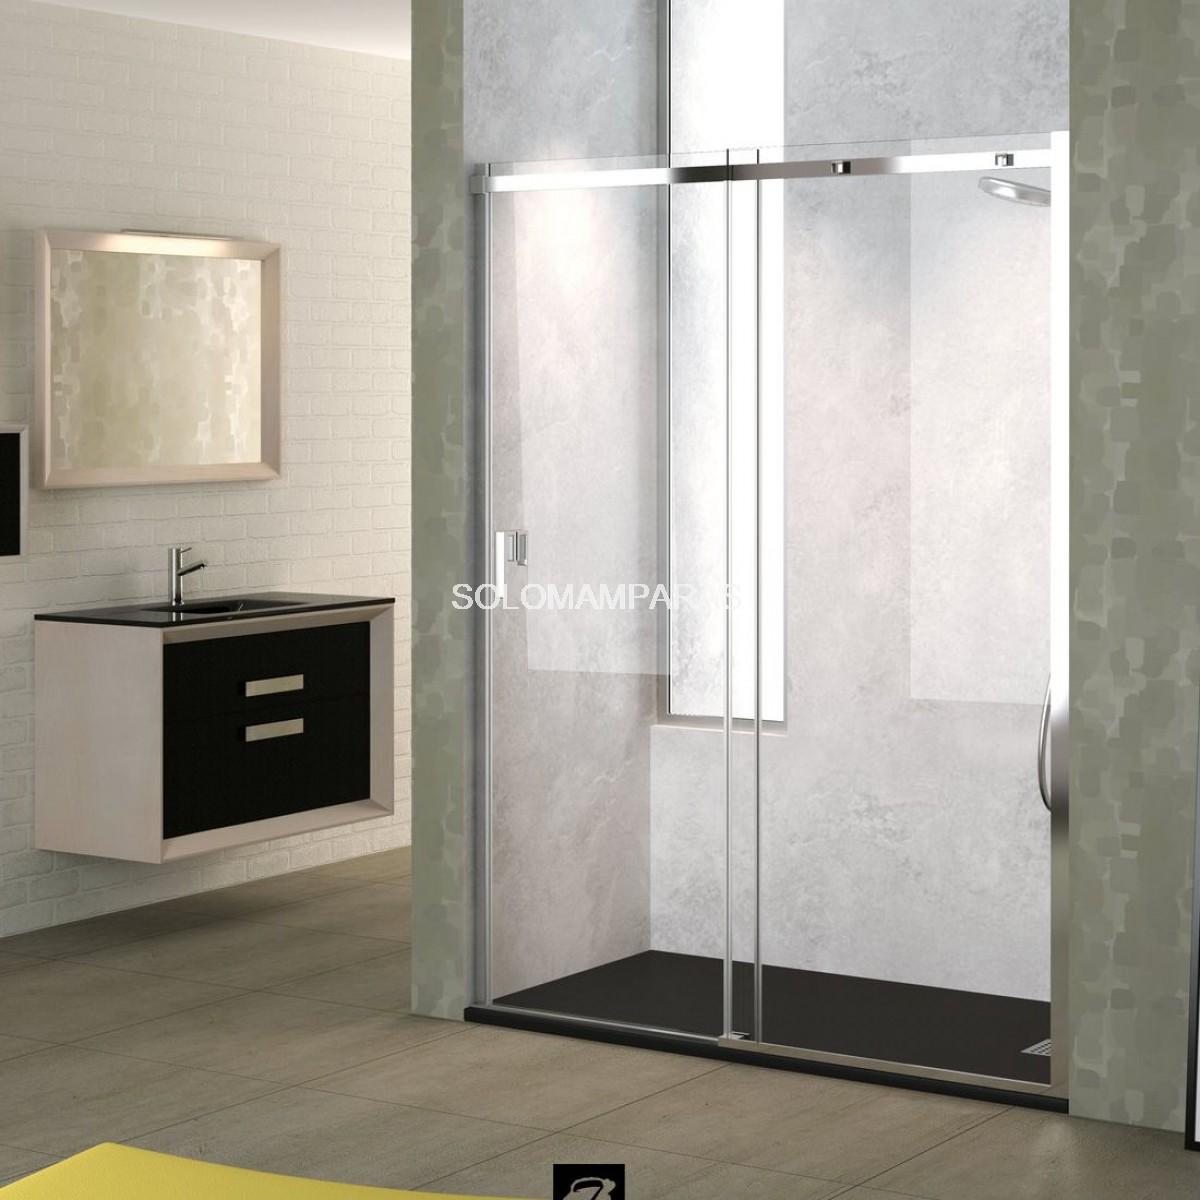 Mampara ducha ebro 8mm perfil cromo 1 fija 1 corredera for Perfil mampara ducha